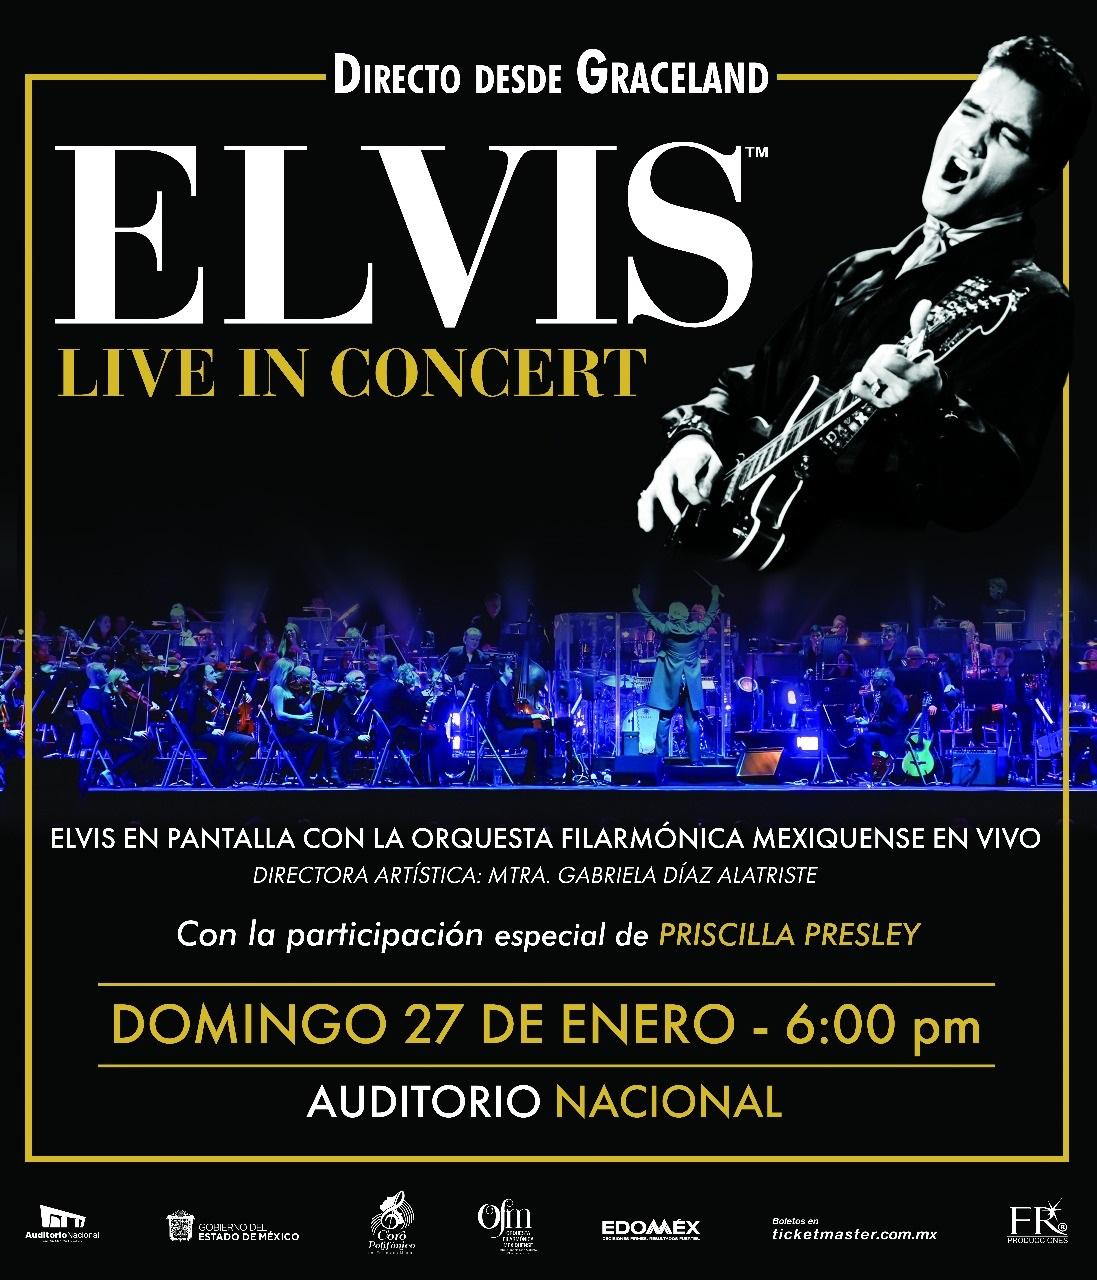 """EL SHOW """"ELVIS LIVE IN CONCERT"""" LLEGARÁ A LA CIUDAD DE MÉXICO"""